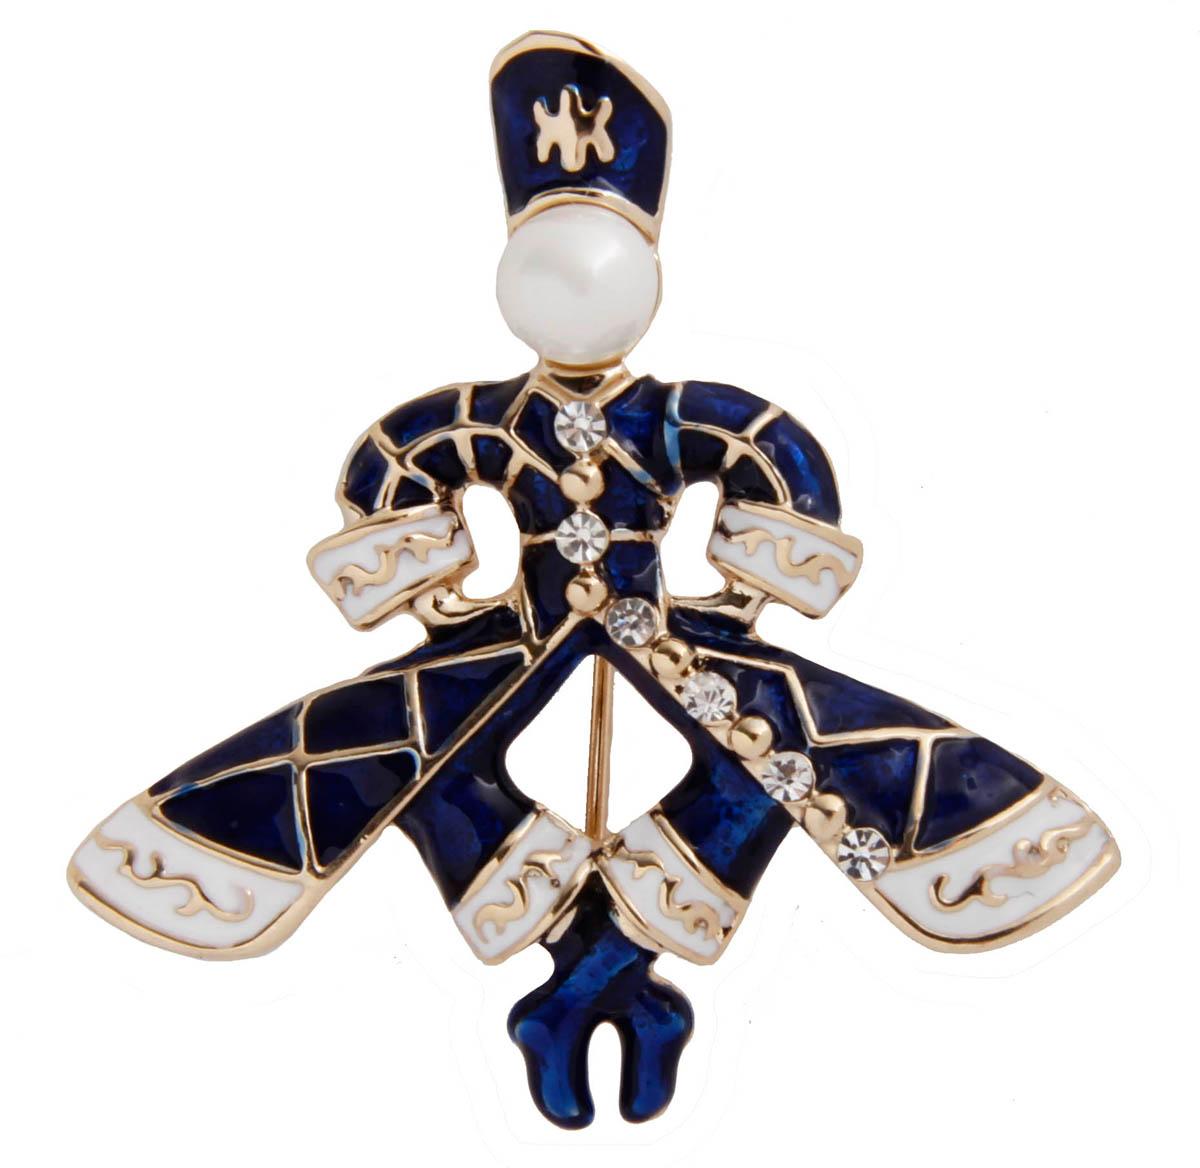 Брошь бижутерная брошь орел бижутерный сплав австрийские кристаллы жемчуг искусственный